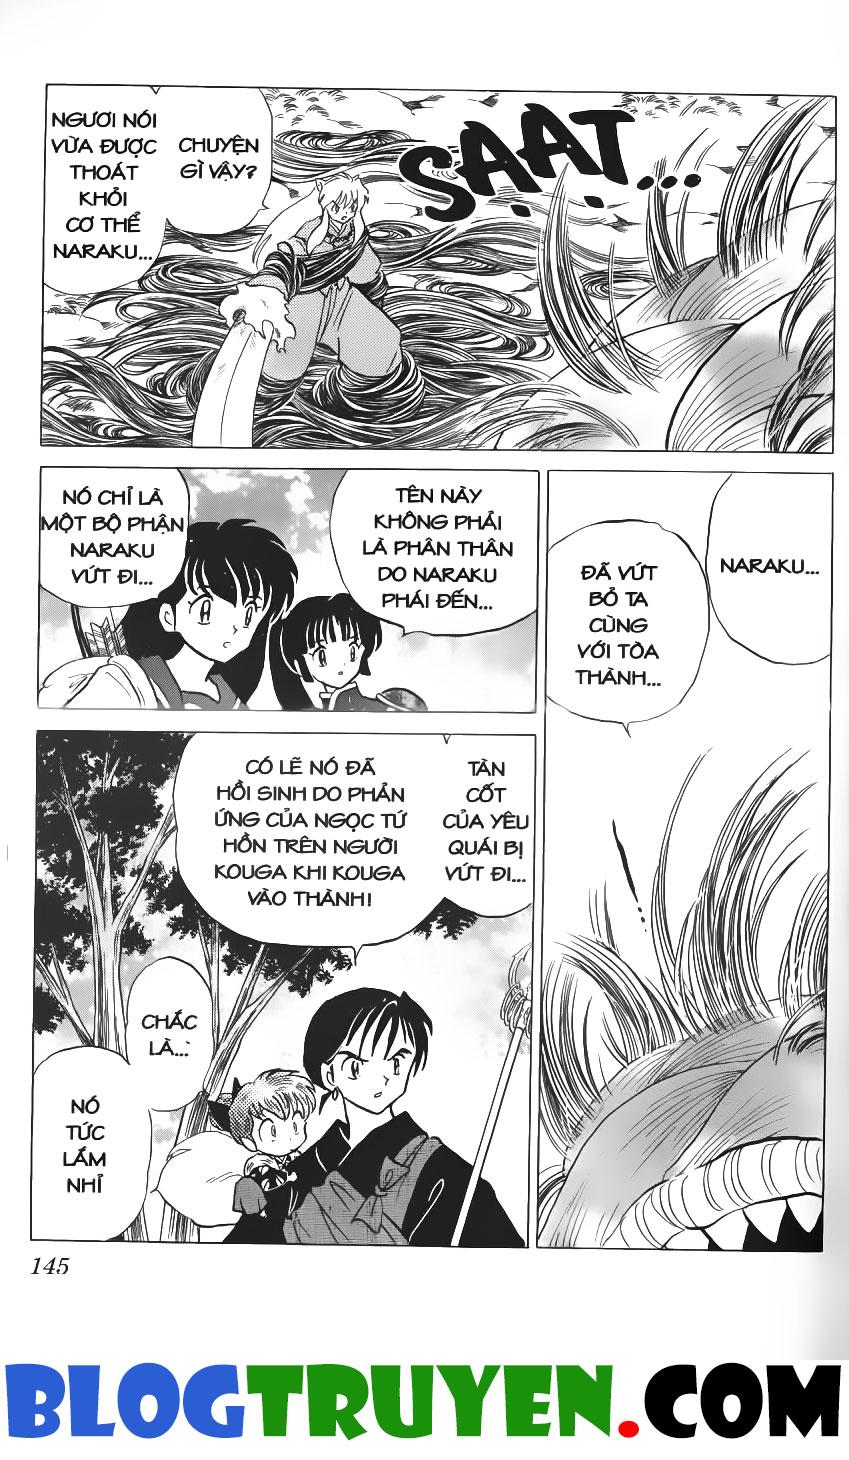 Inuyasha vol 23.8 trang 16